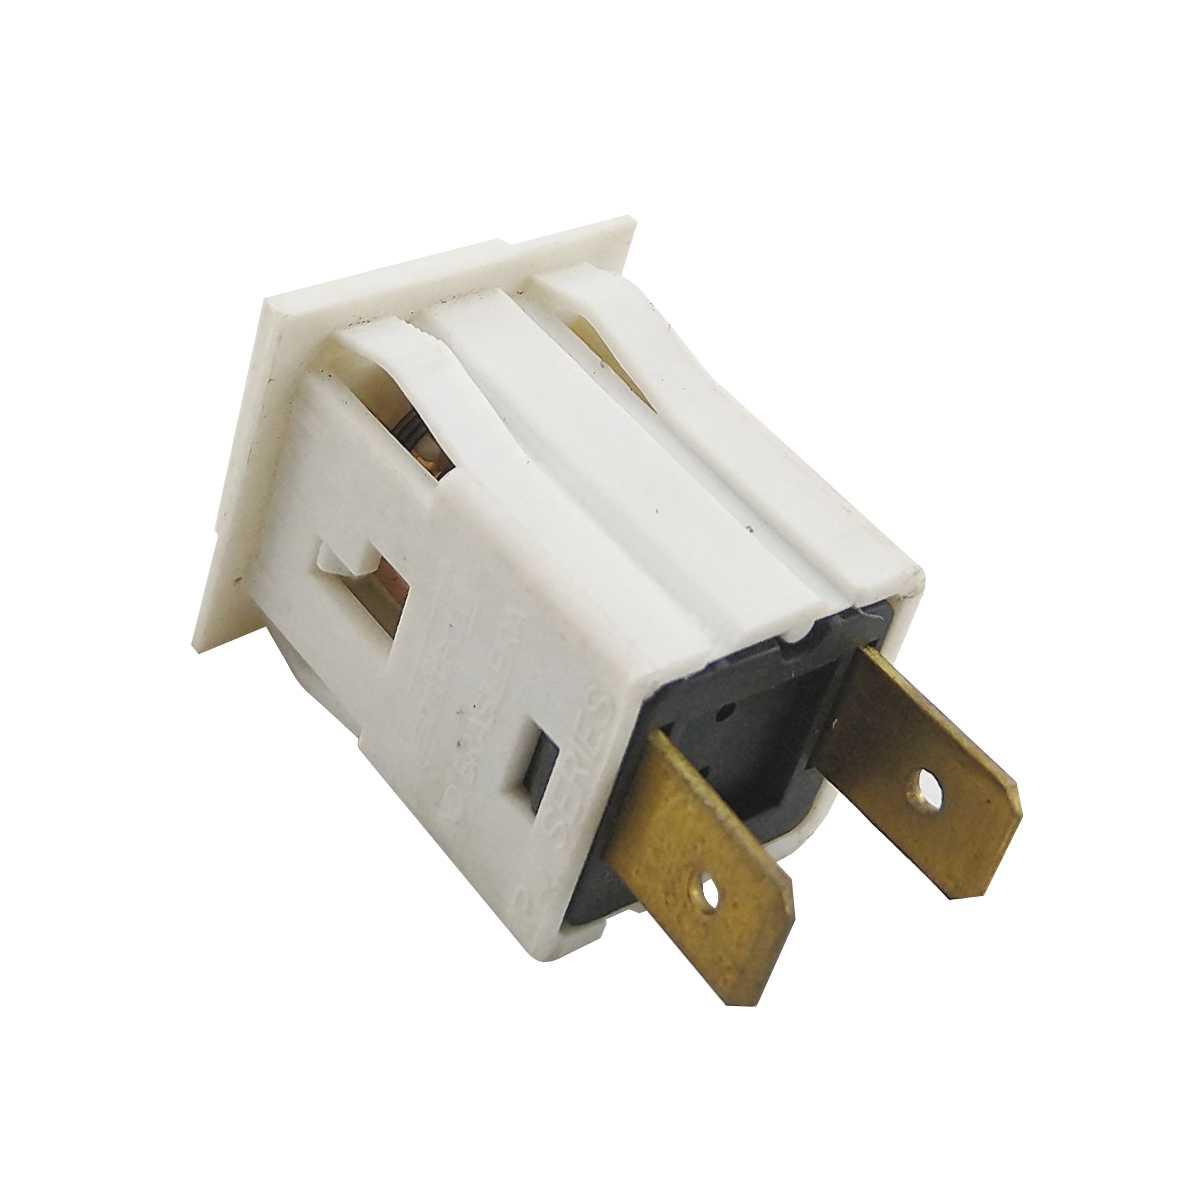 Interruptor 1 fase quadrado para fogão Continental